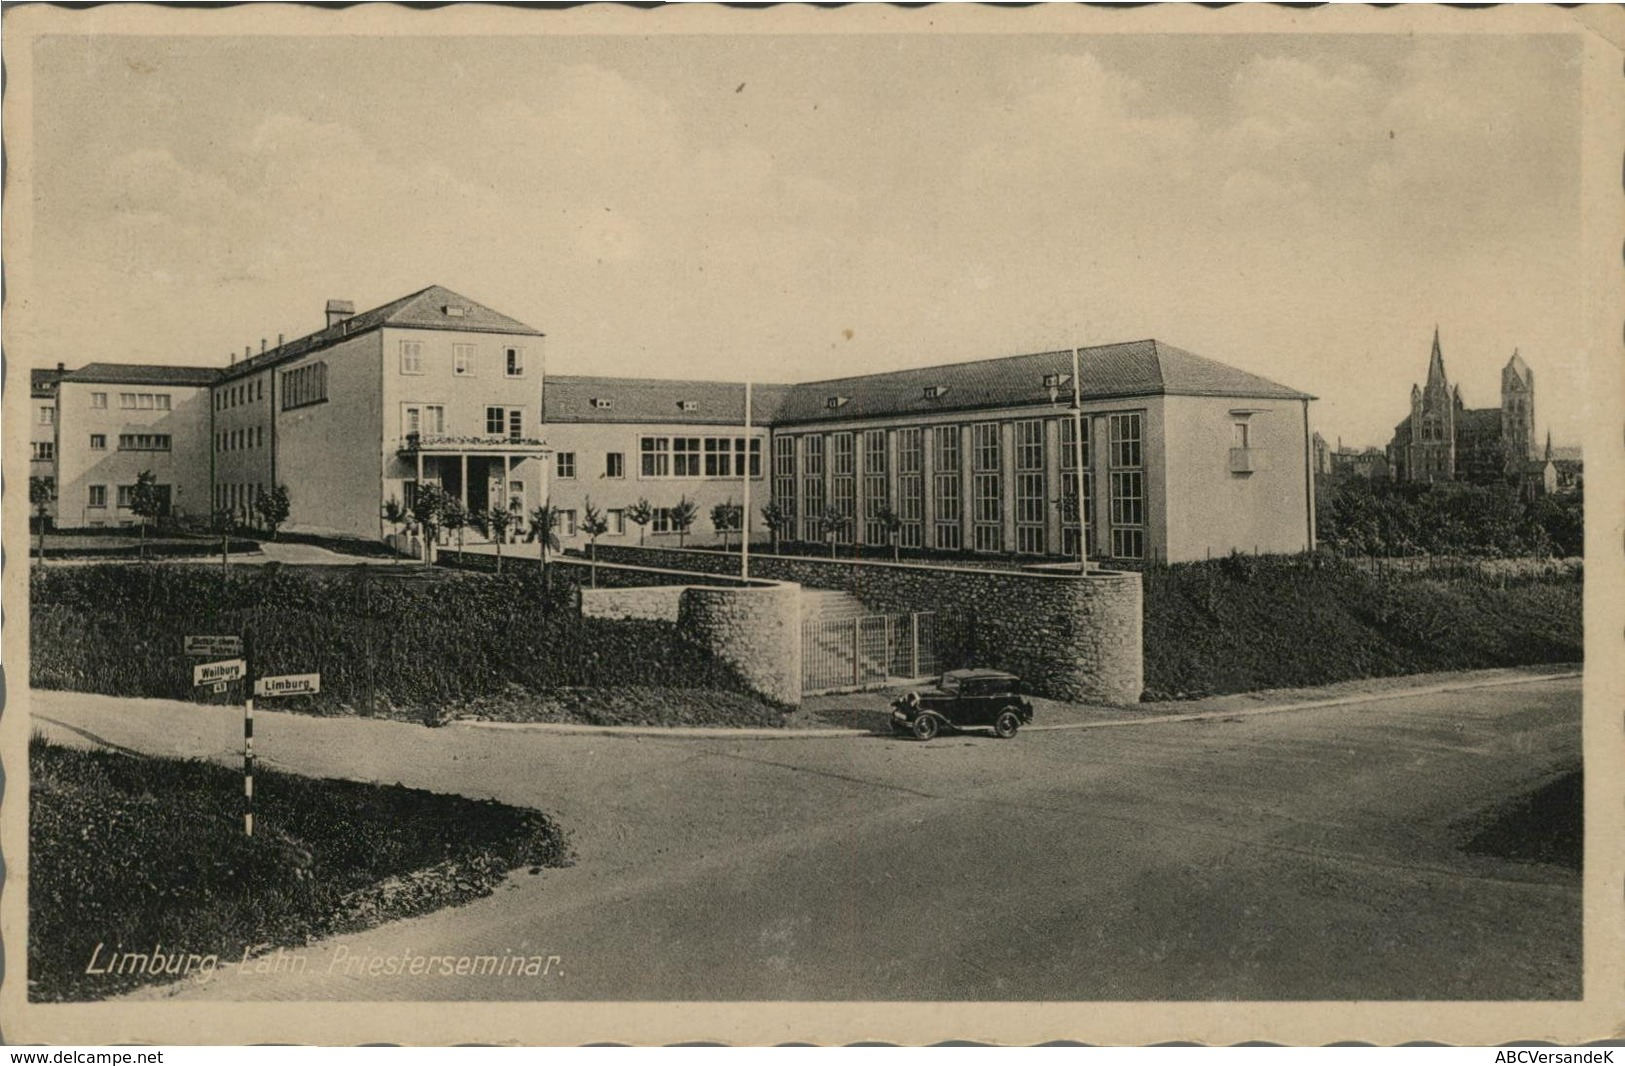 Limburg An Der Lahn. Priesterseminar. Alte AK S/w. Straßenpartie, Gebäudeansichten, Auto, Dom Im Hintergrund - Postcards